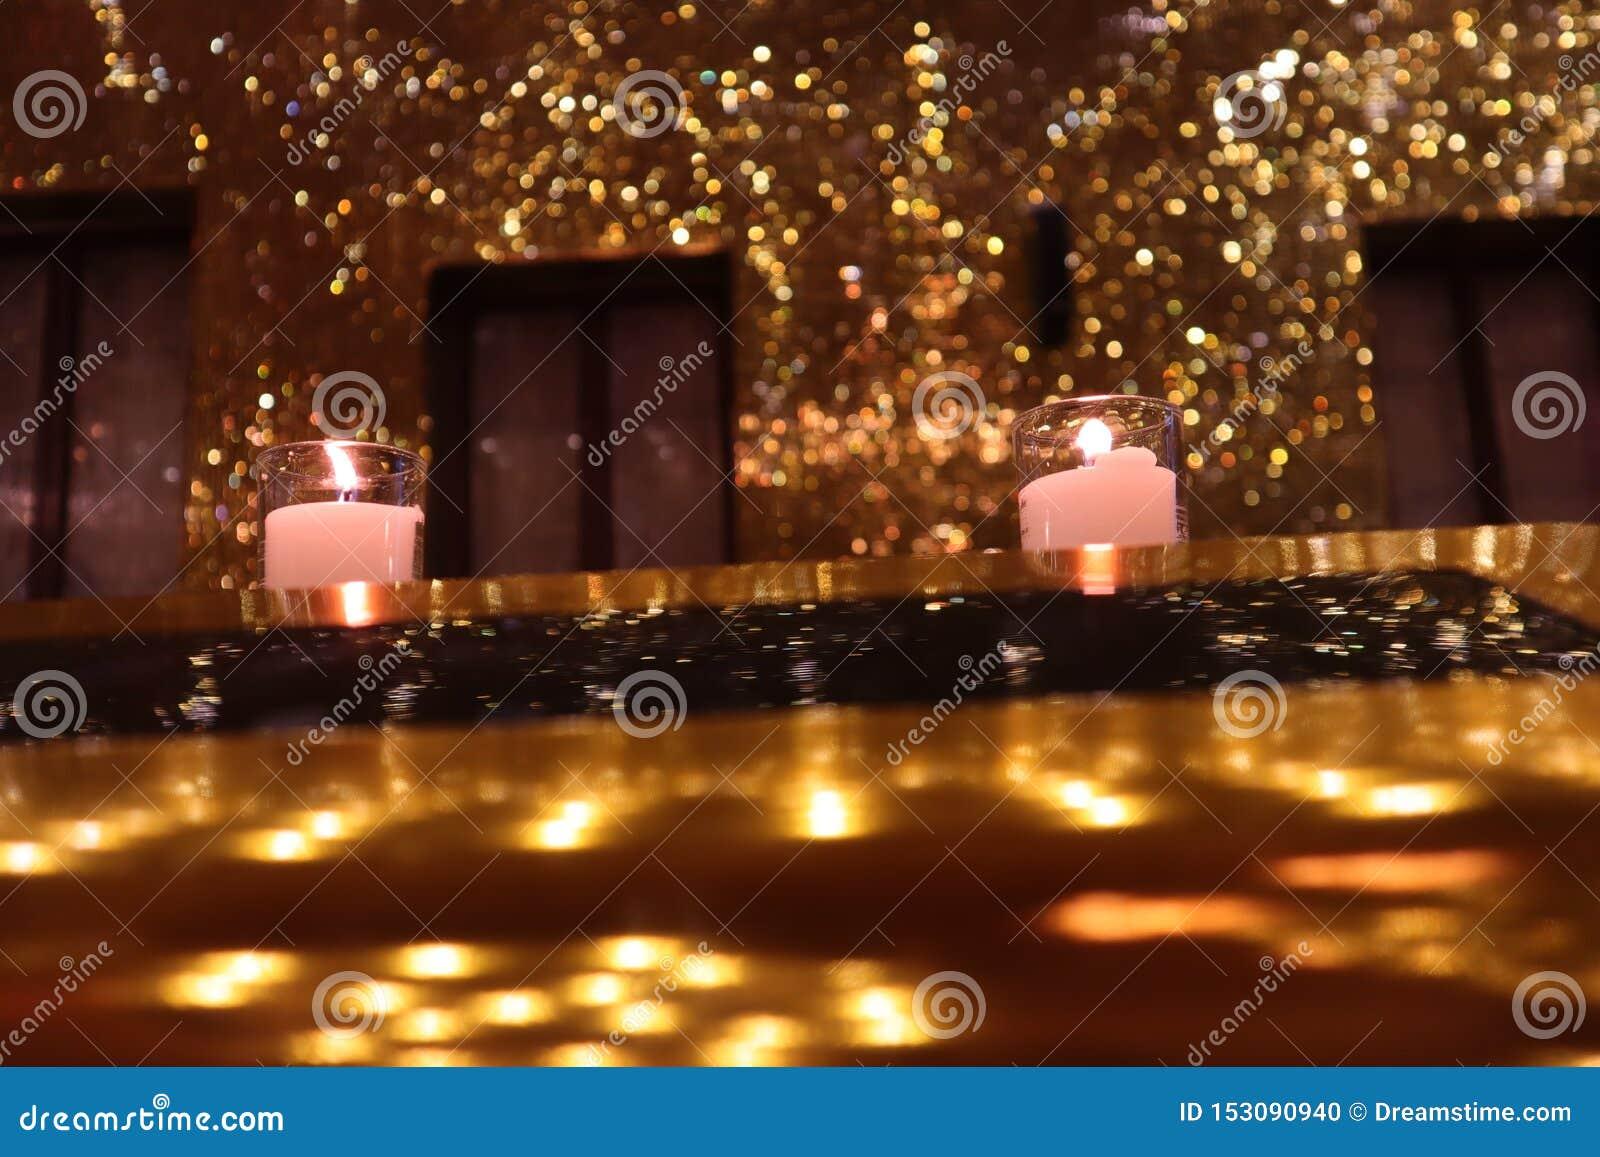 Luz de vela na sala dourada